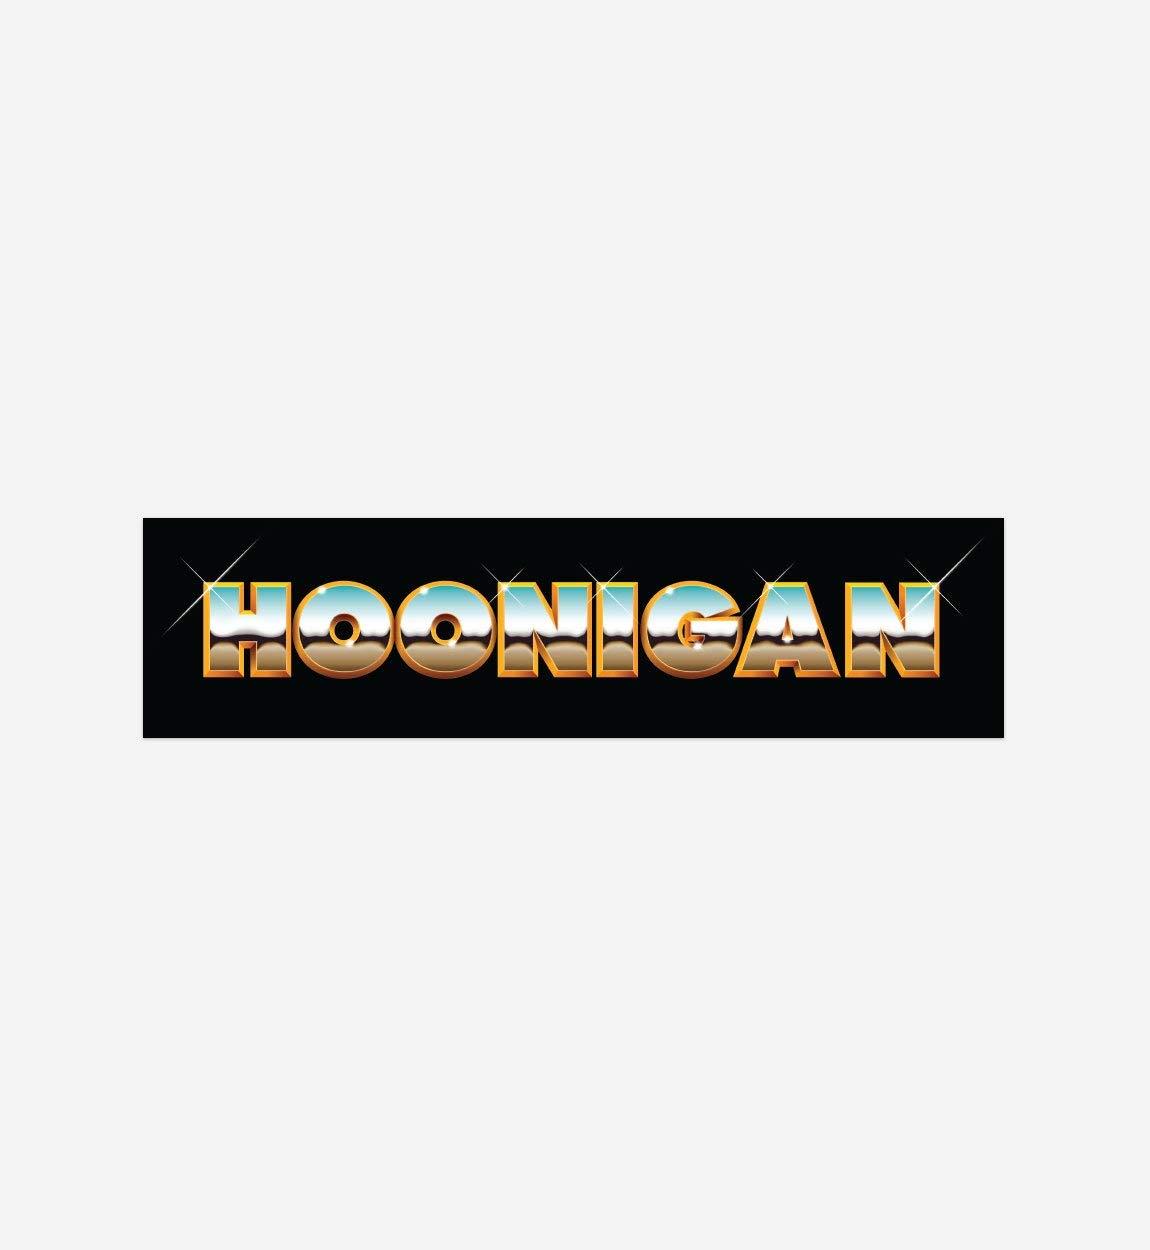 Hoonigan HOONMAINA Sticker